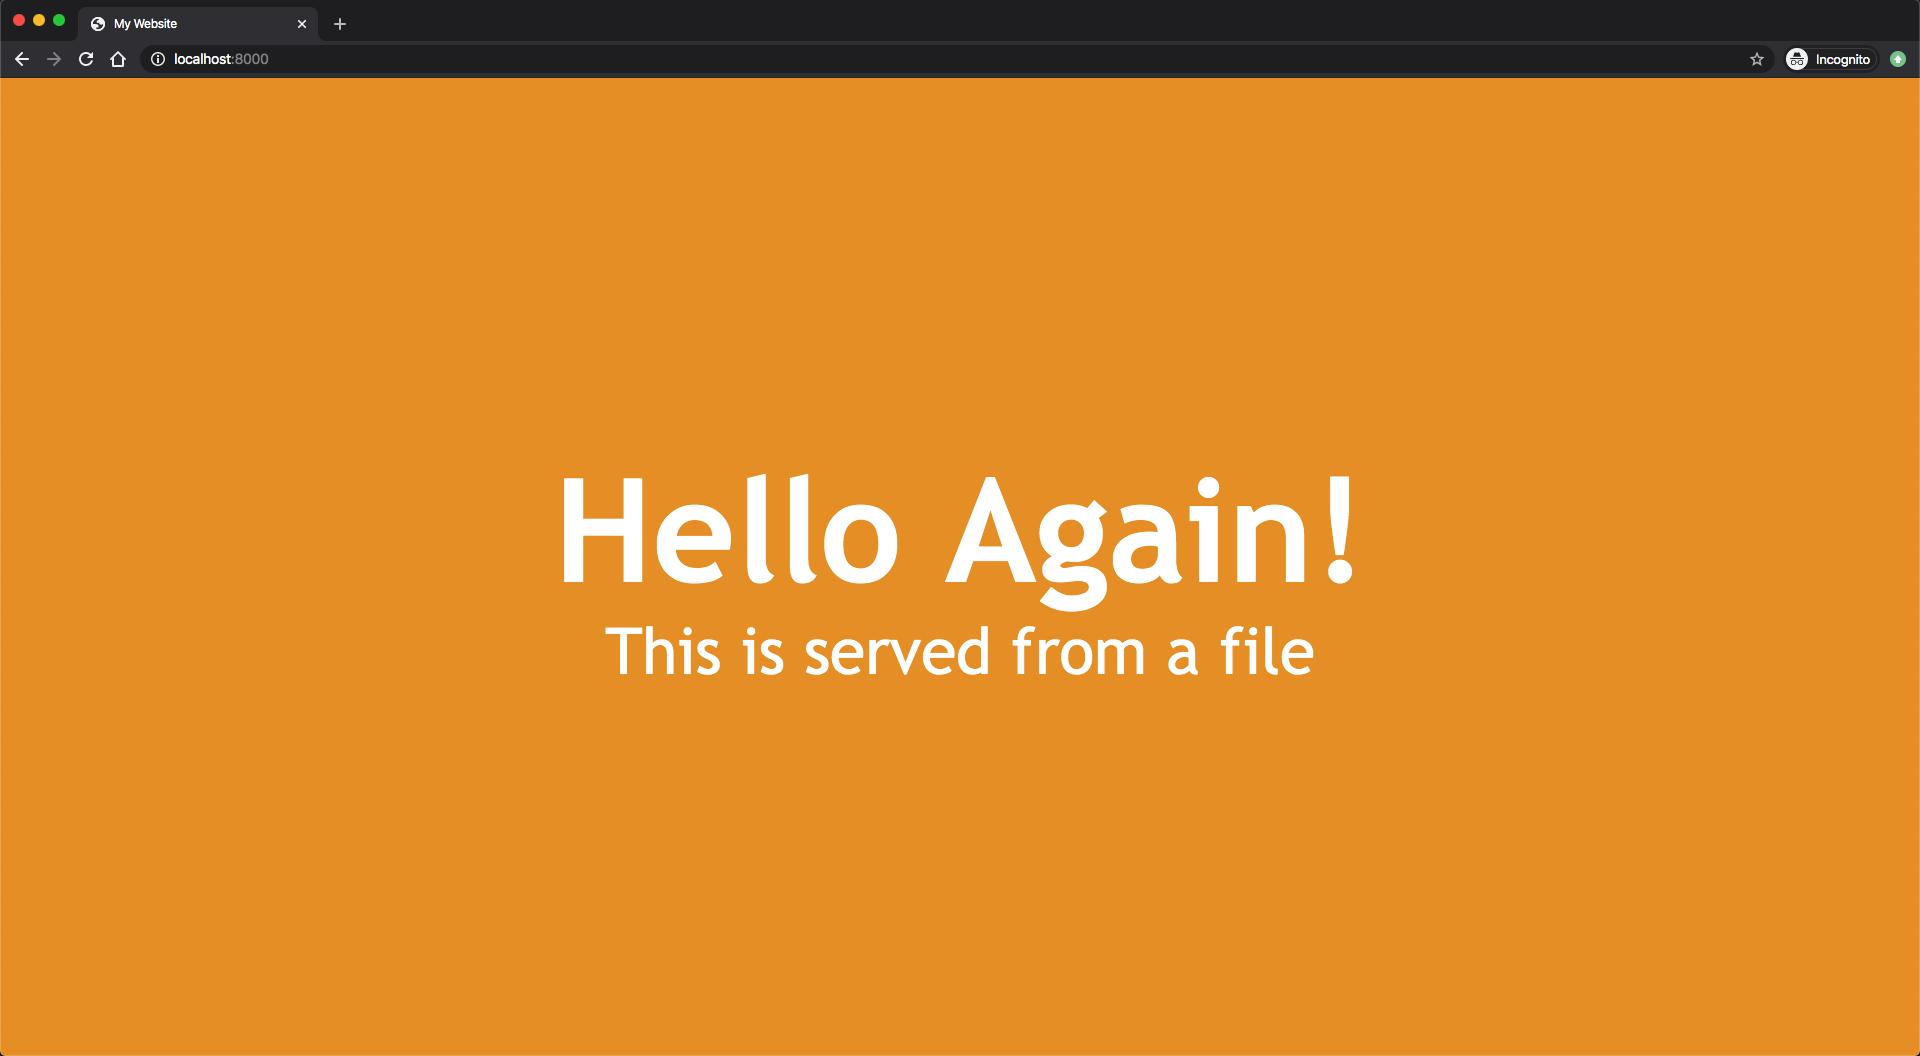 Изображение страницы HTML, загруженной из файла в Node.js